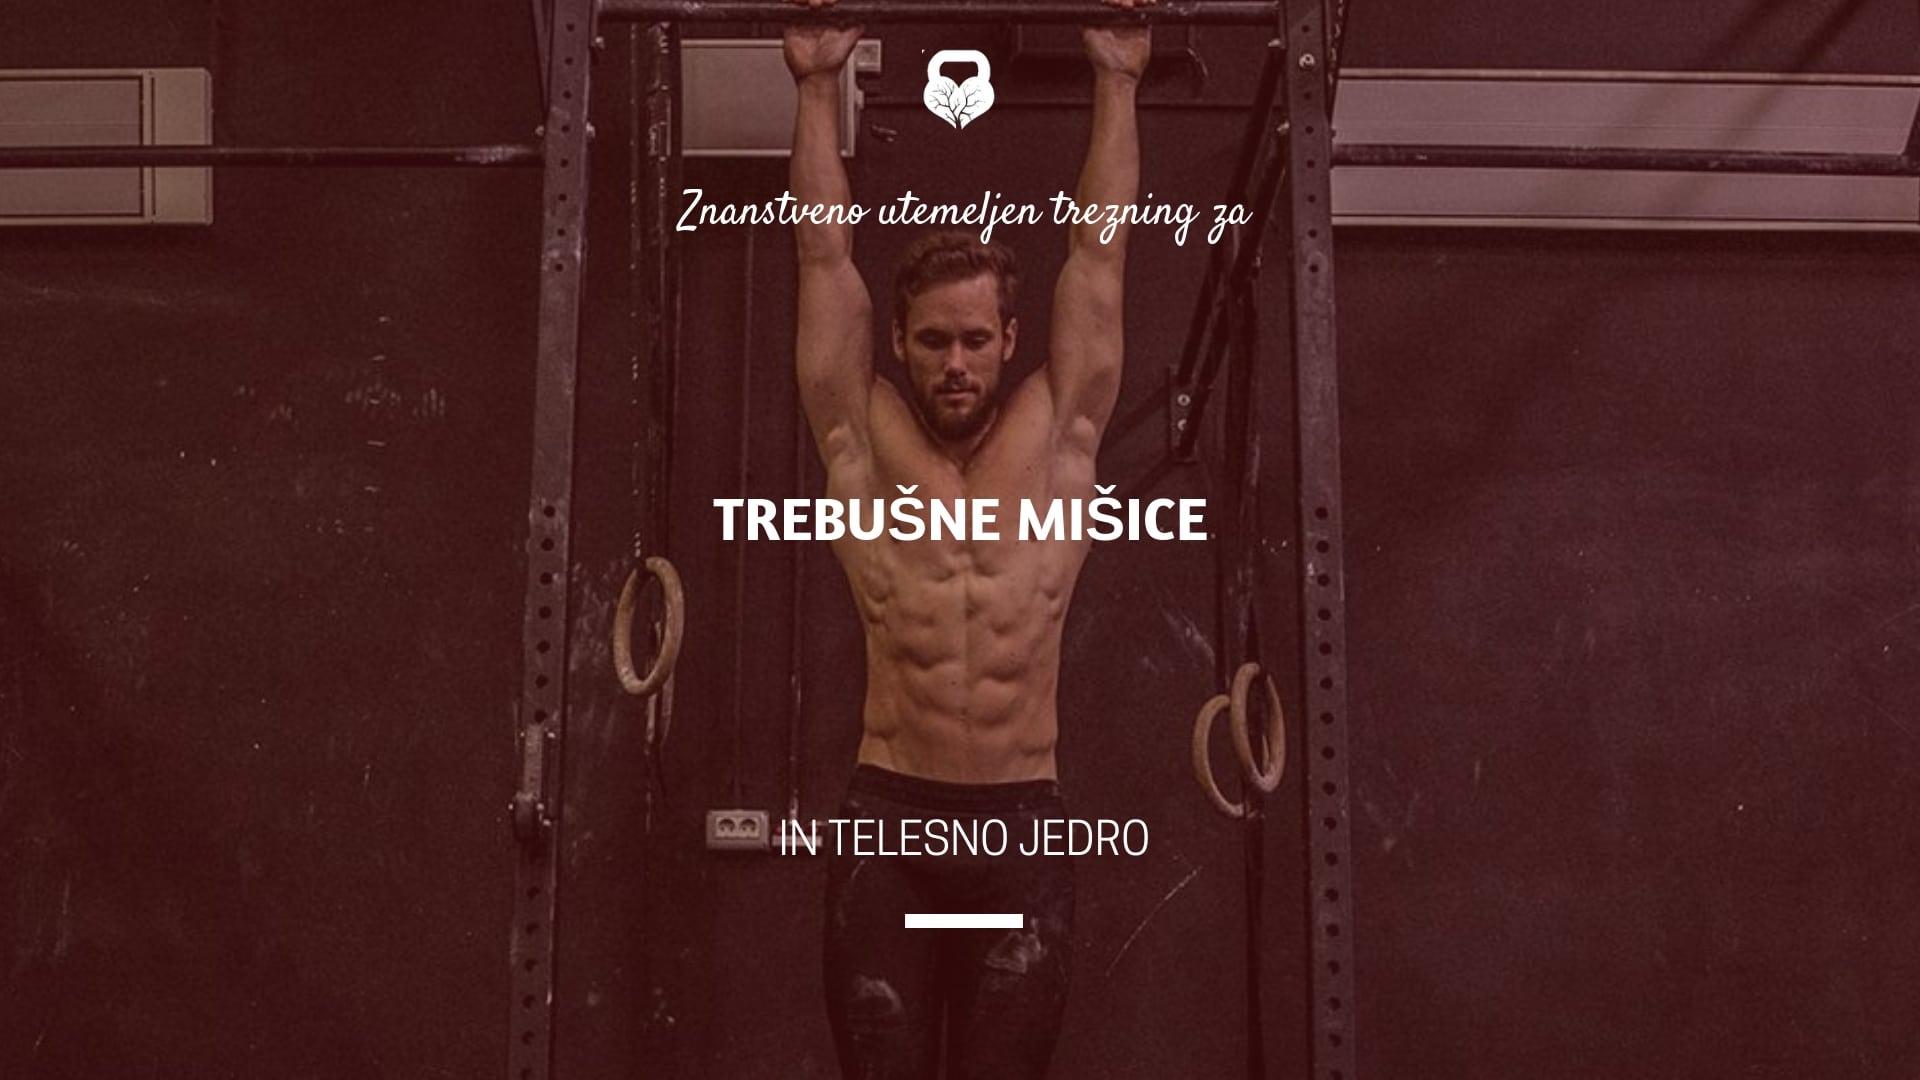 Znanstveno utemeljen trening za trebušne mišice